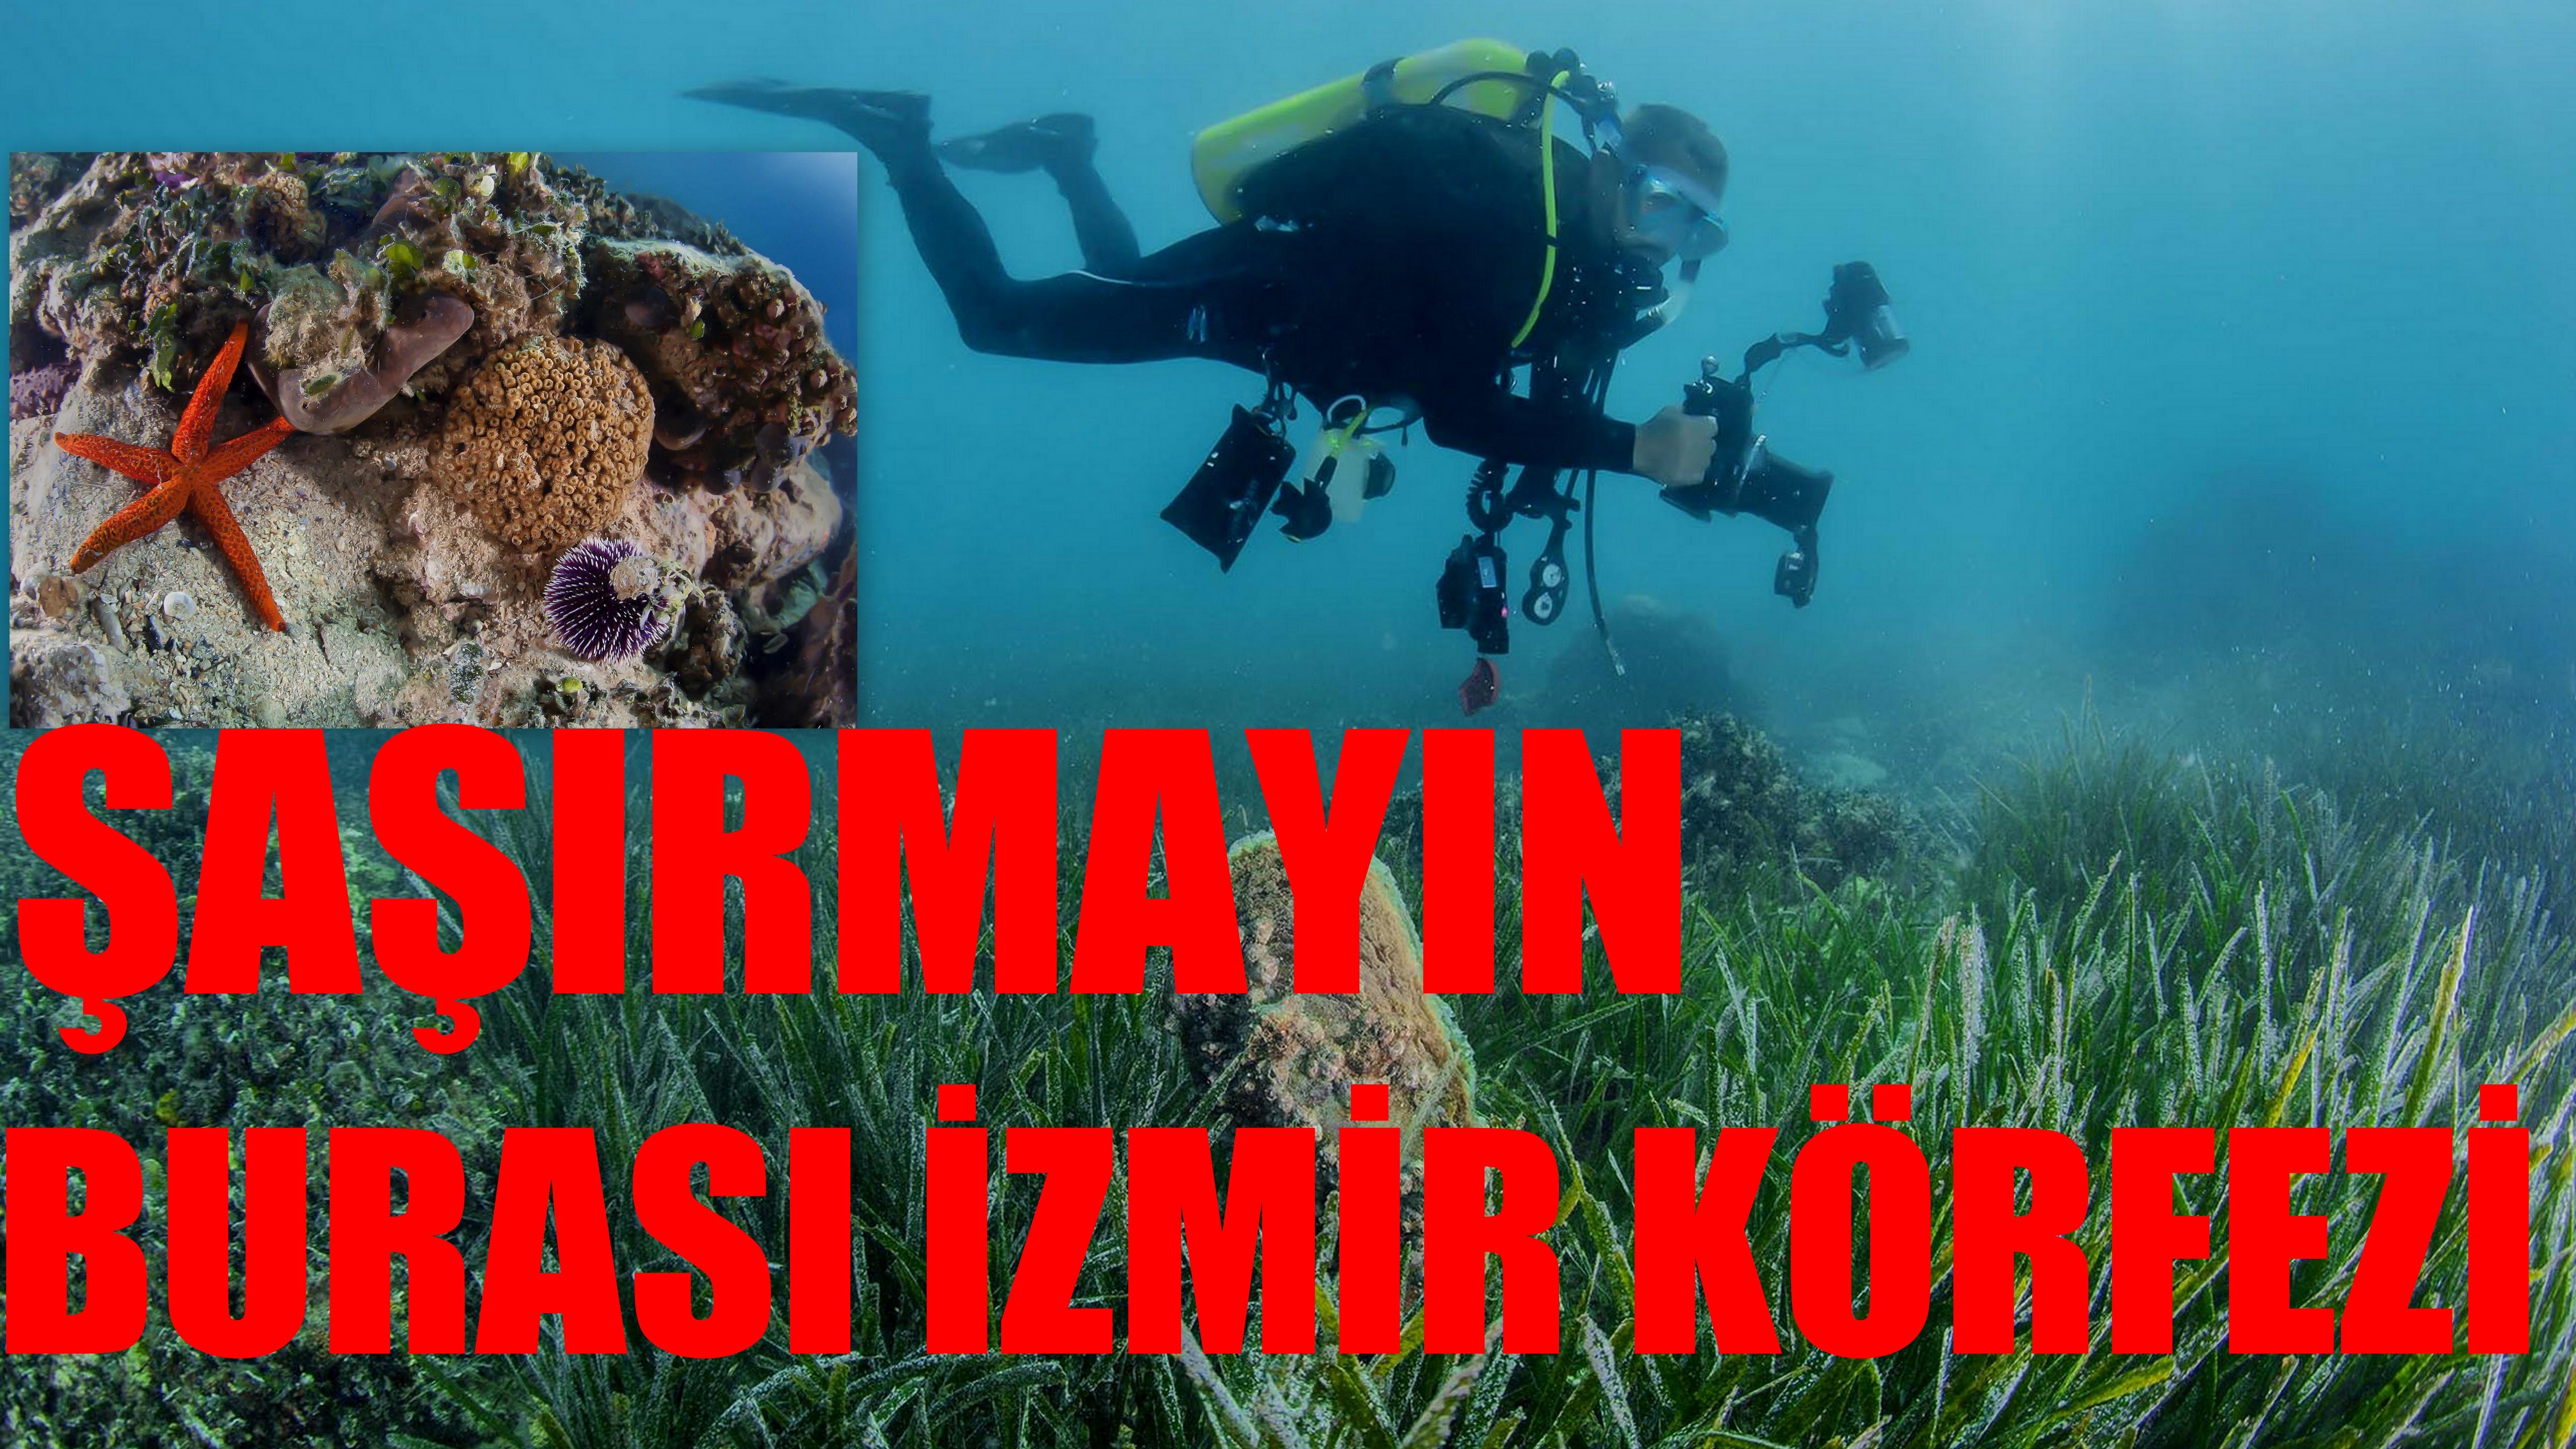 Şaşırmayın! Burası İzmir Körfezi